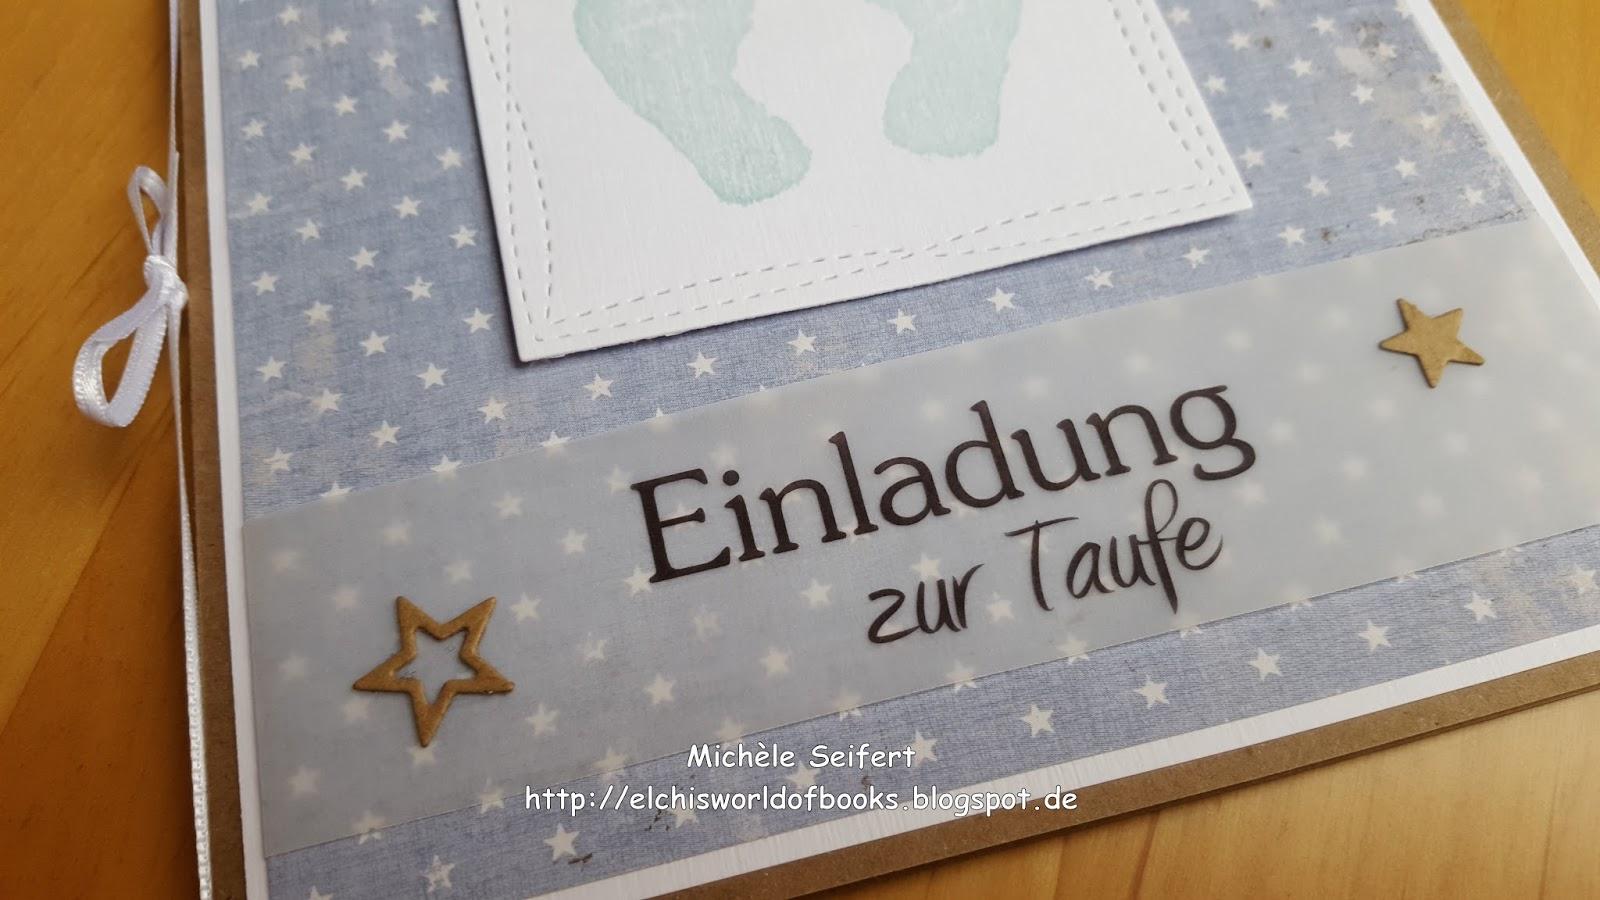 Crafting Karte Einladung Zur Taufe Elchis World Of